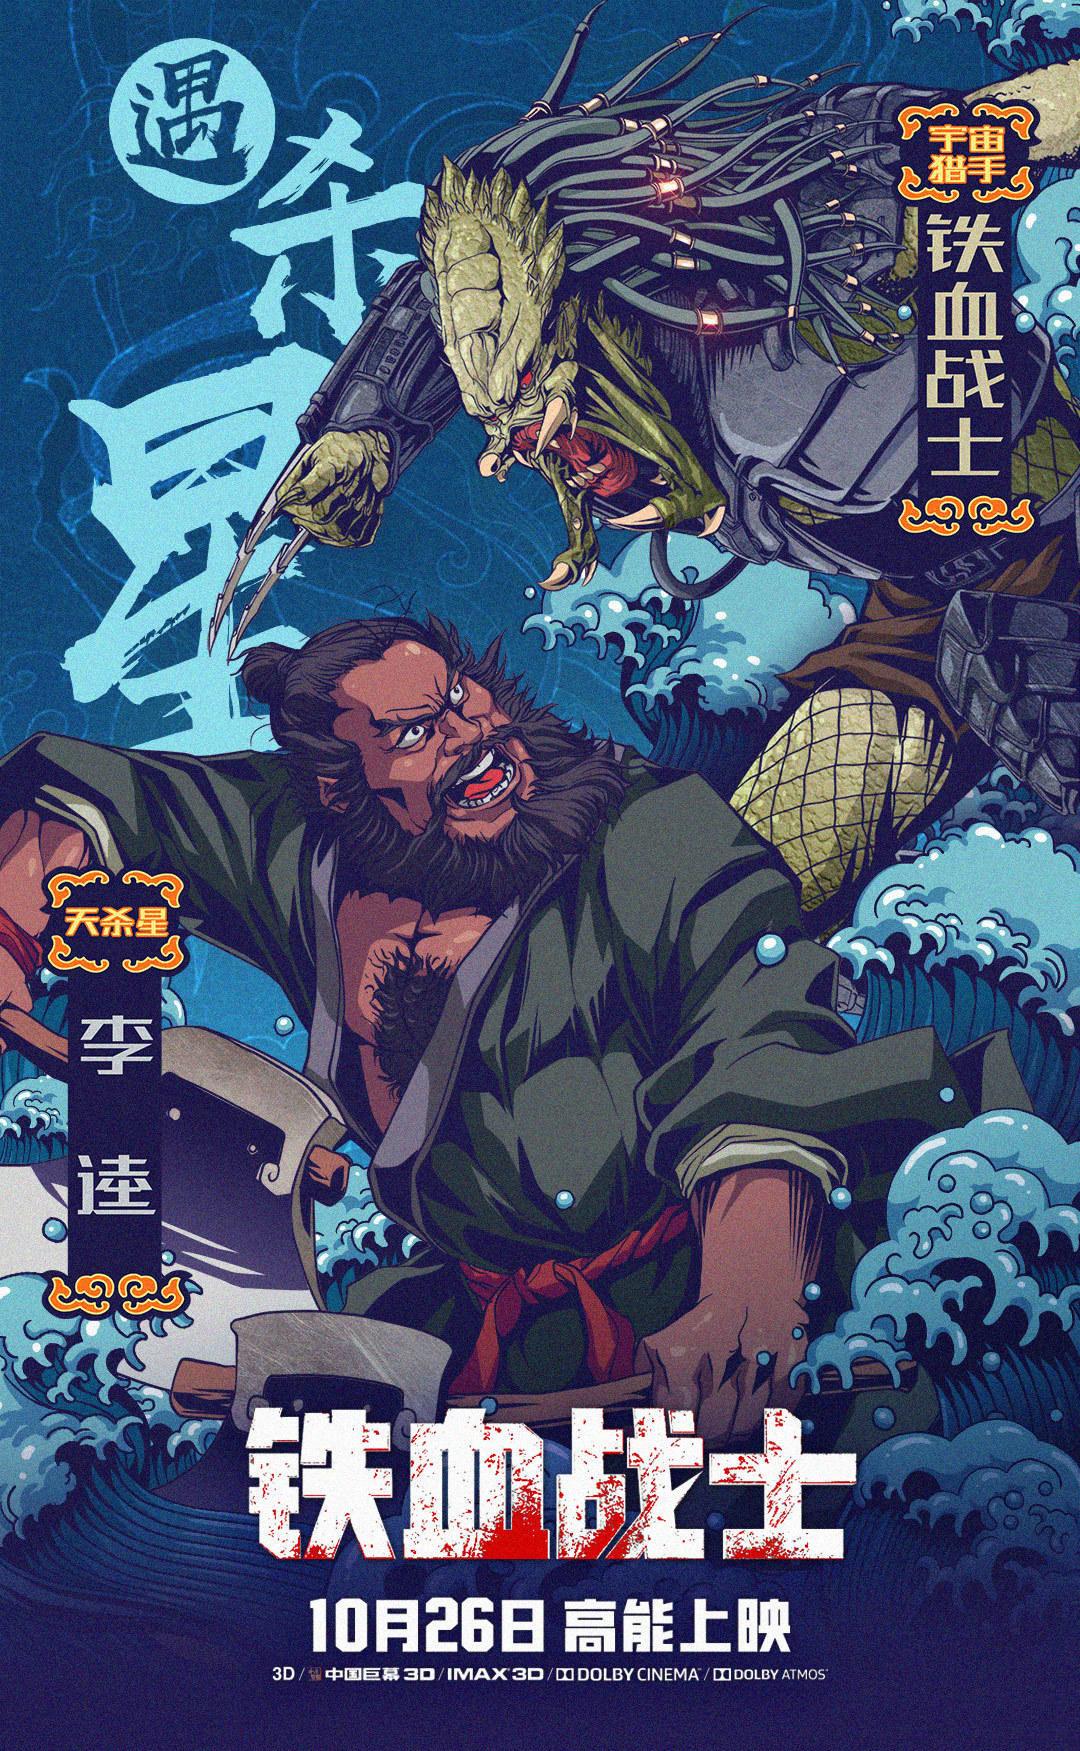 《铁血战士》全新海报 铁血战士大战杨戬关羽孙悟空